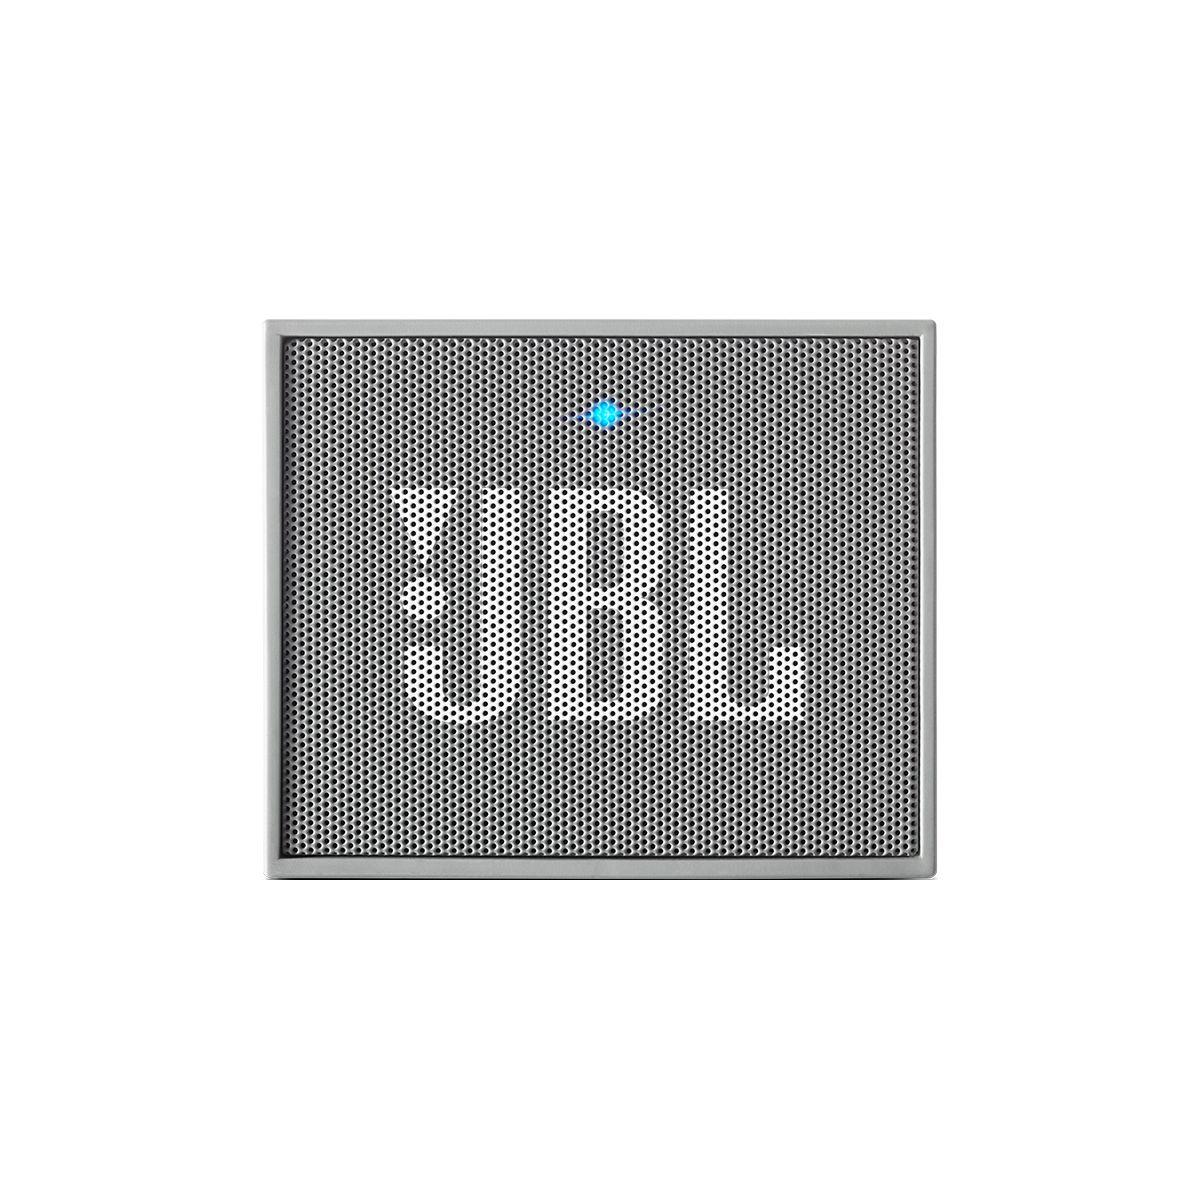 Enceinte nomade jbl go gris - livraison offerte : code livdom (photo)